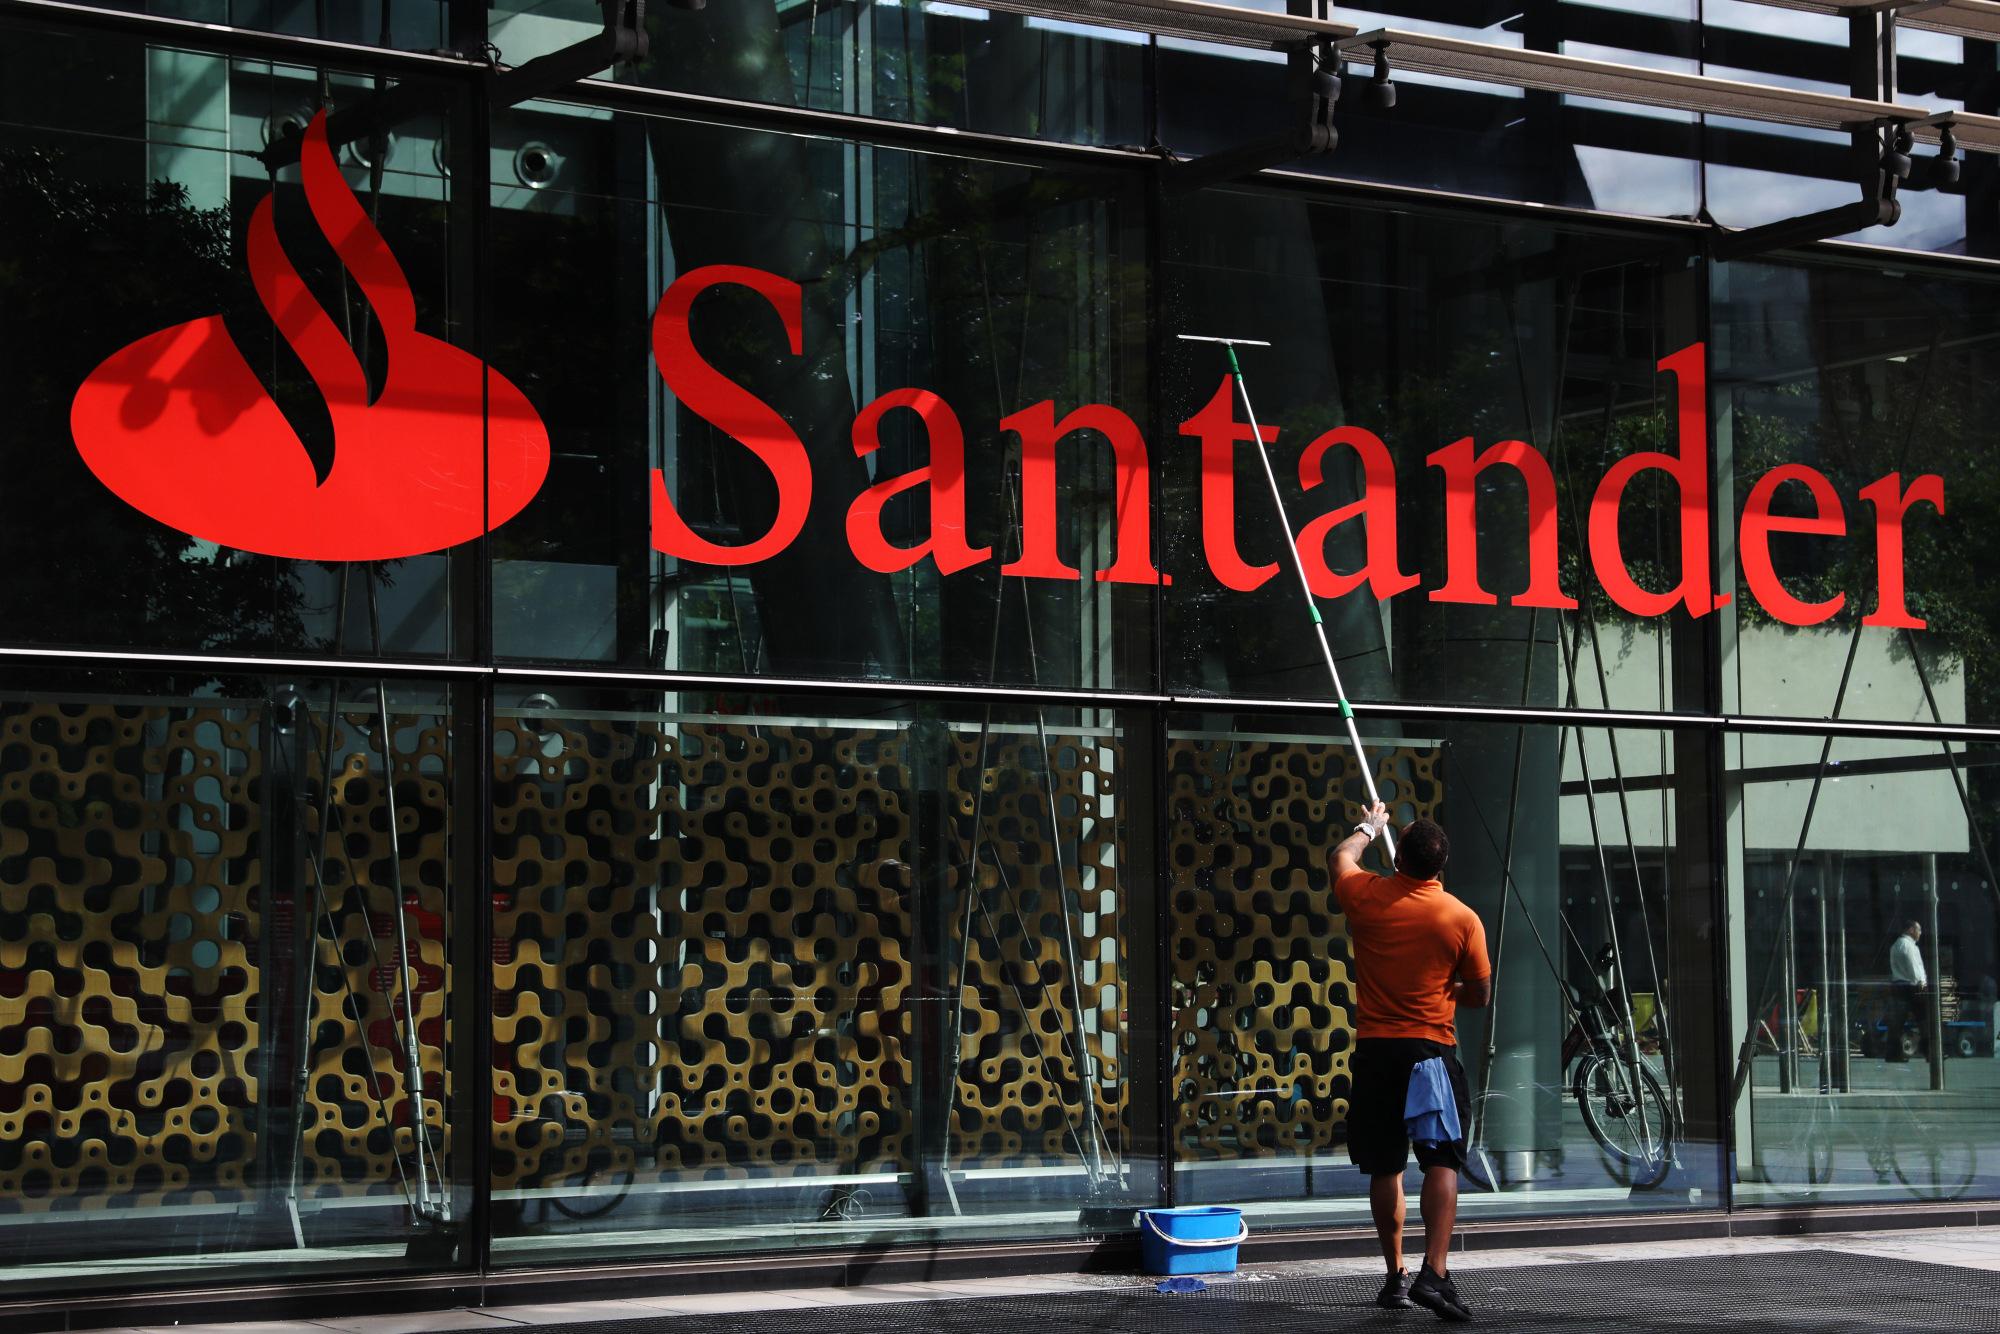 Financial Stock in the Spotlight: Banco Santander (Brasil) SA (BSBR)